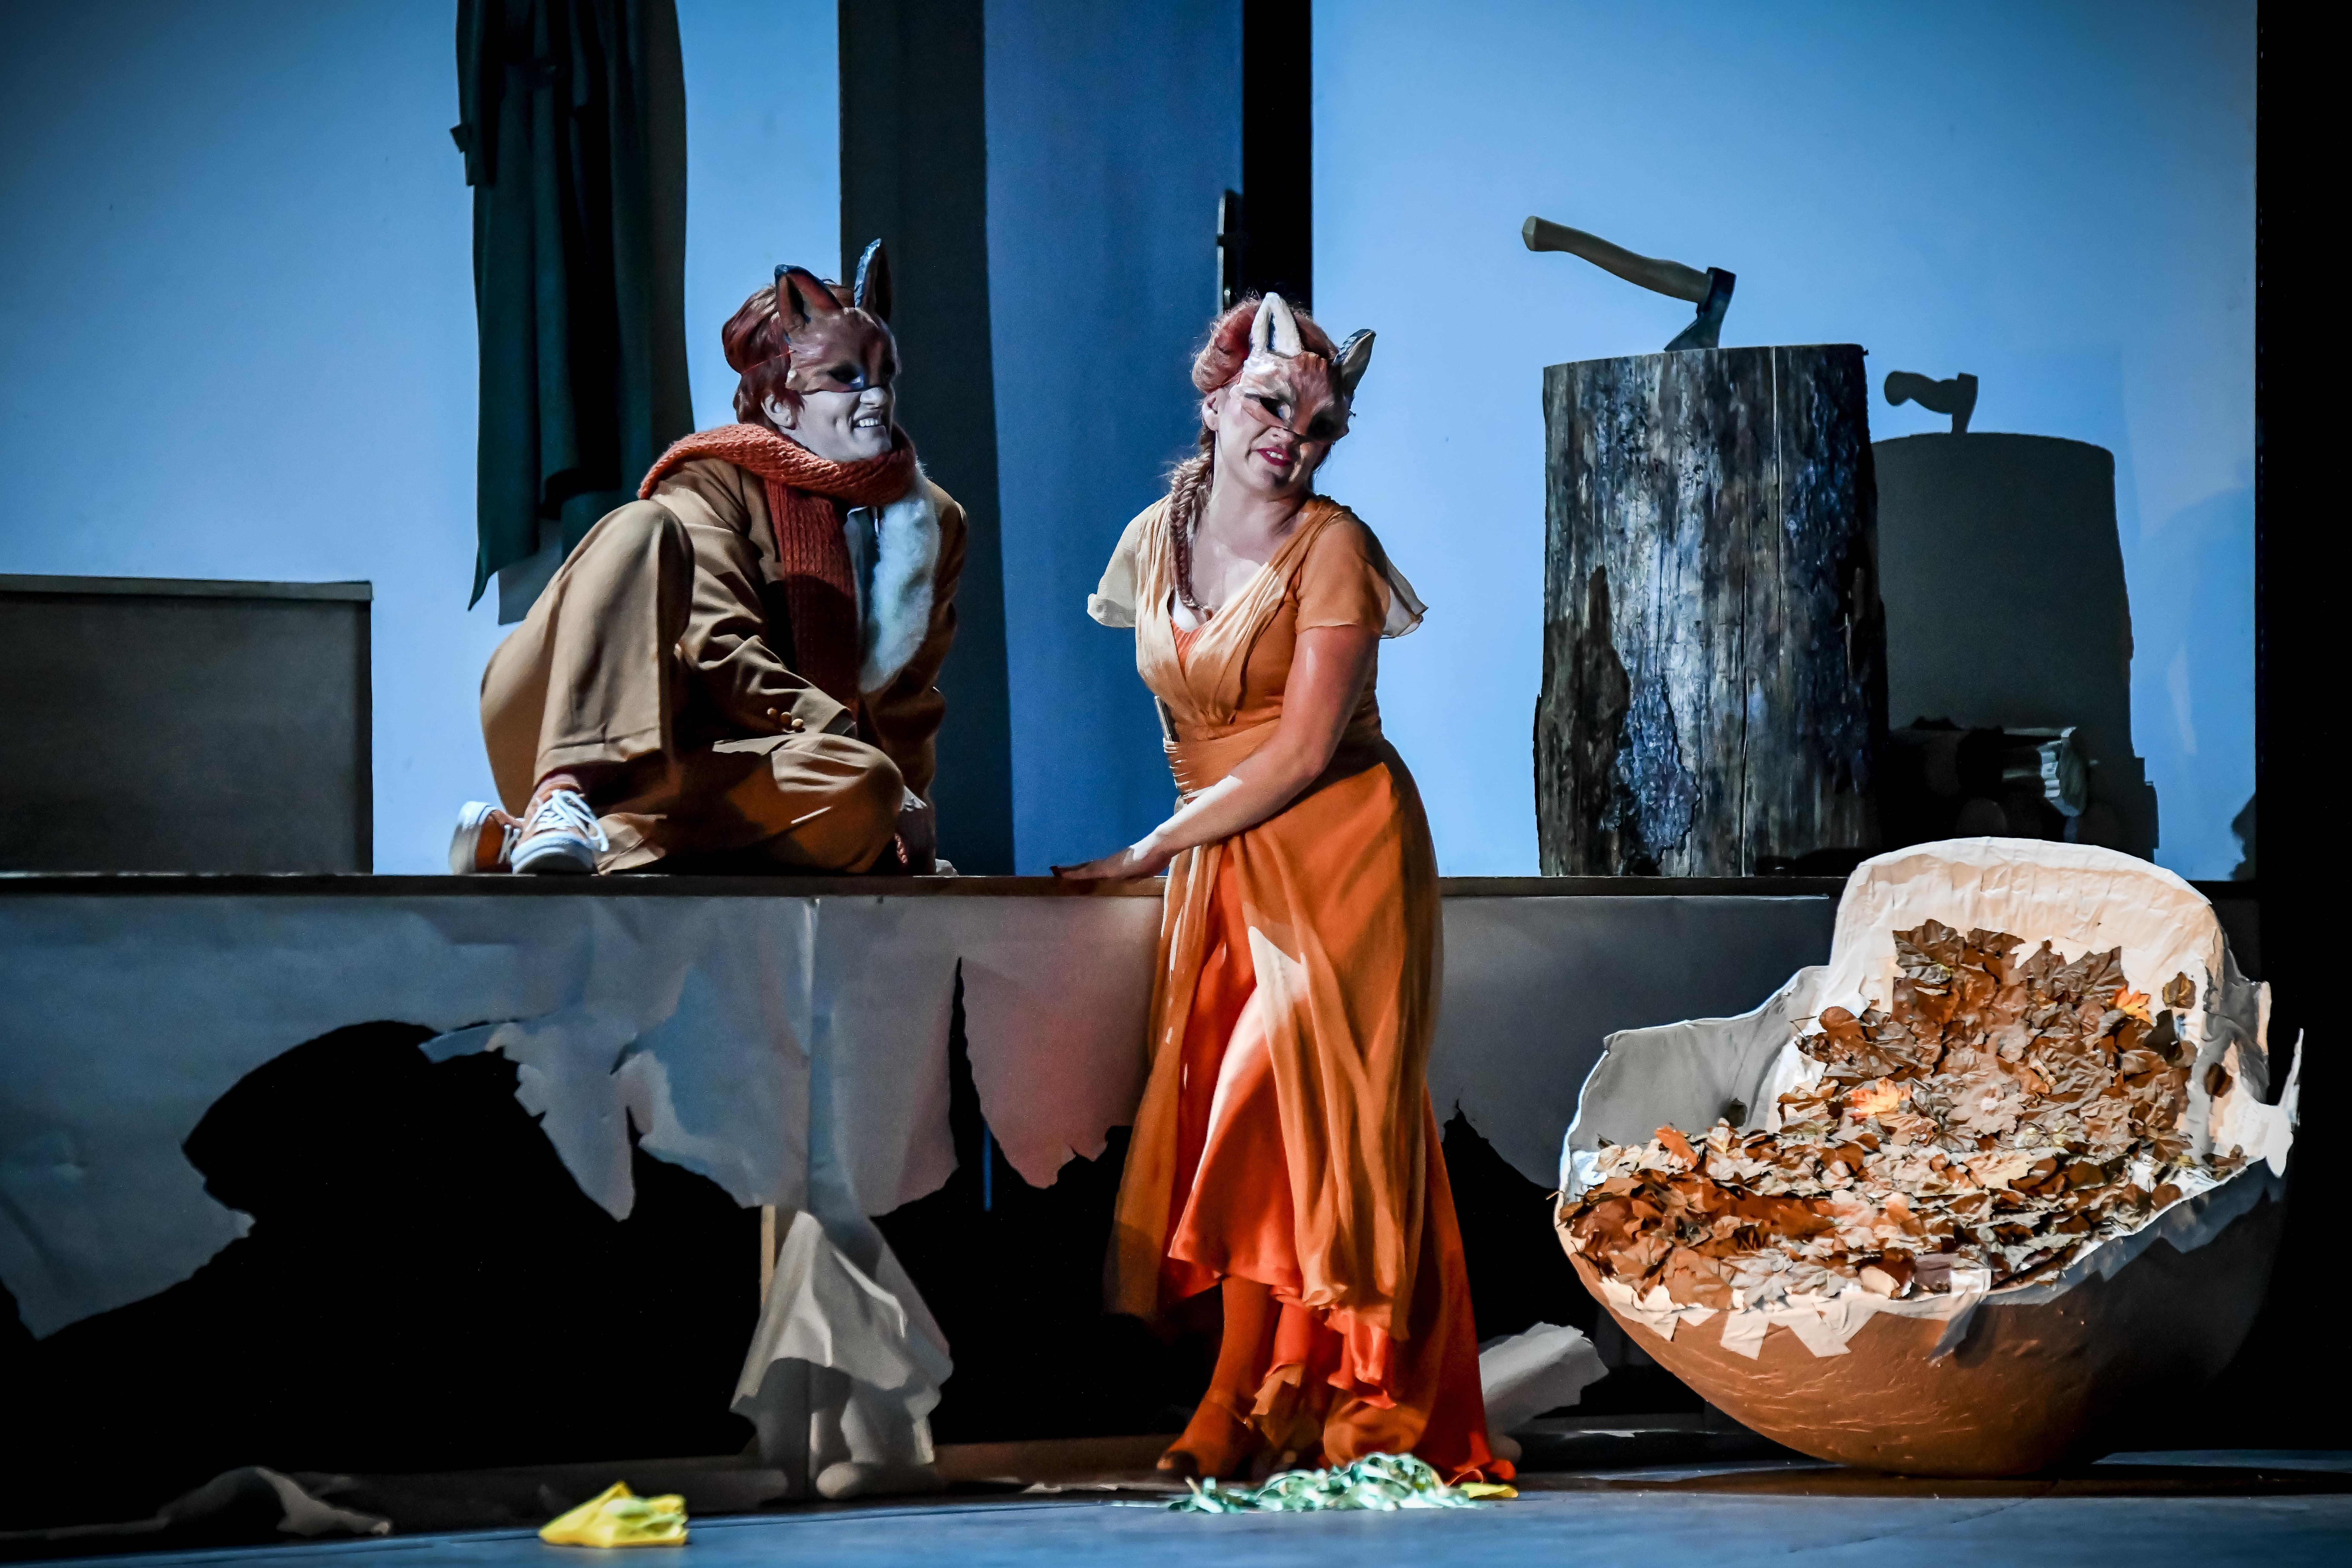 狐女(右)與狐狸(左)的愛情故事悲喜交集,是生命常態,結局亦讓人反思生命不息的循環  © Marek Olbrzymek